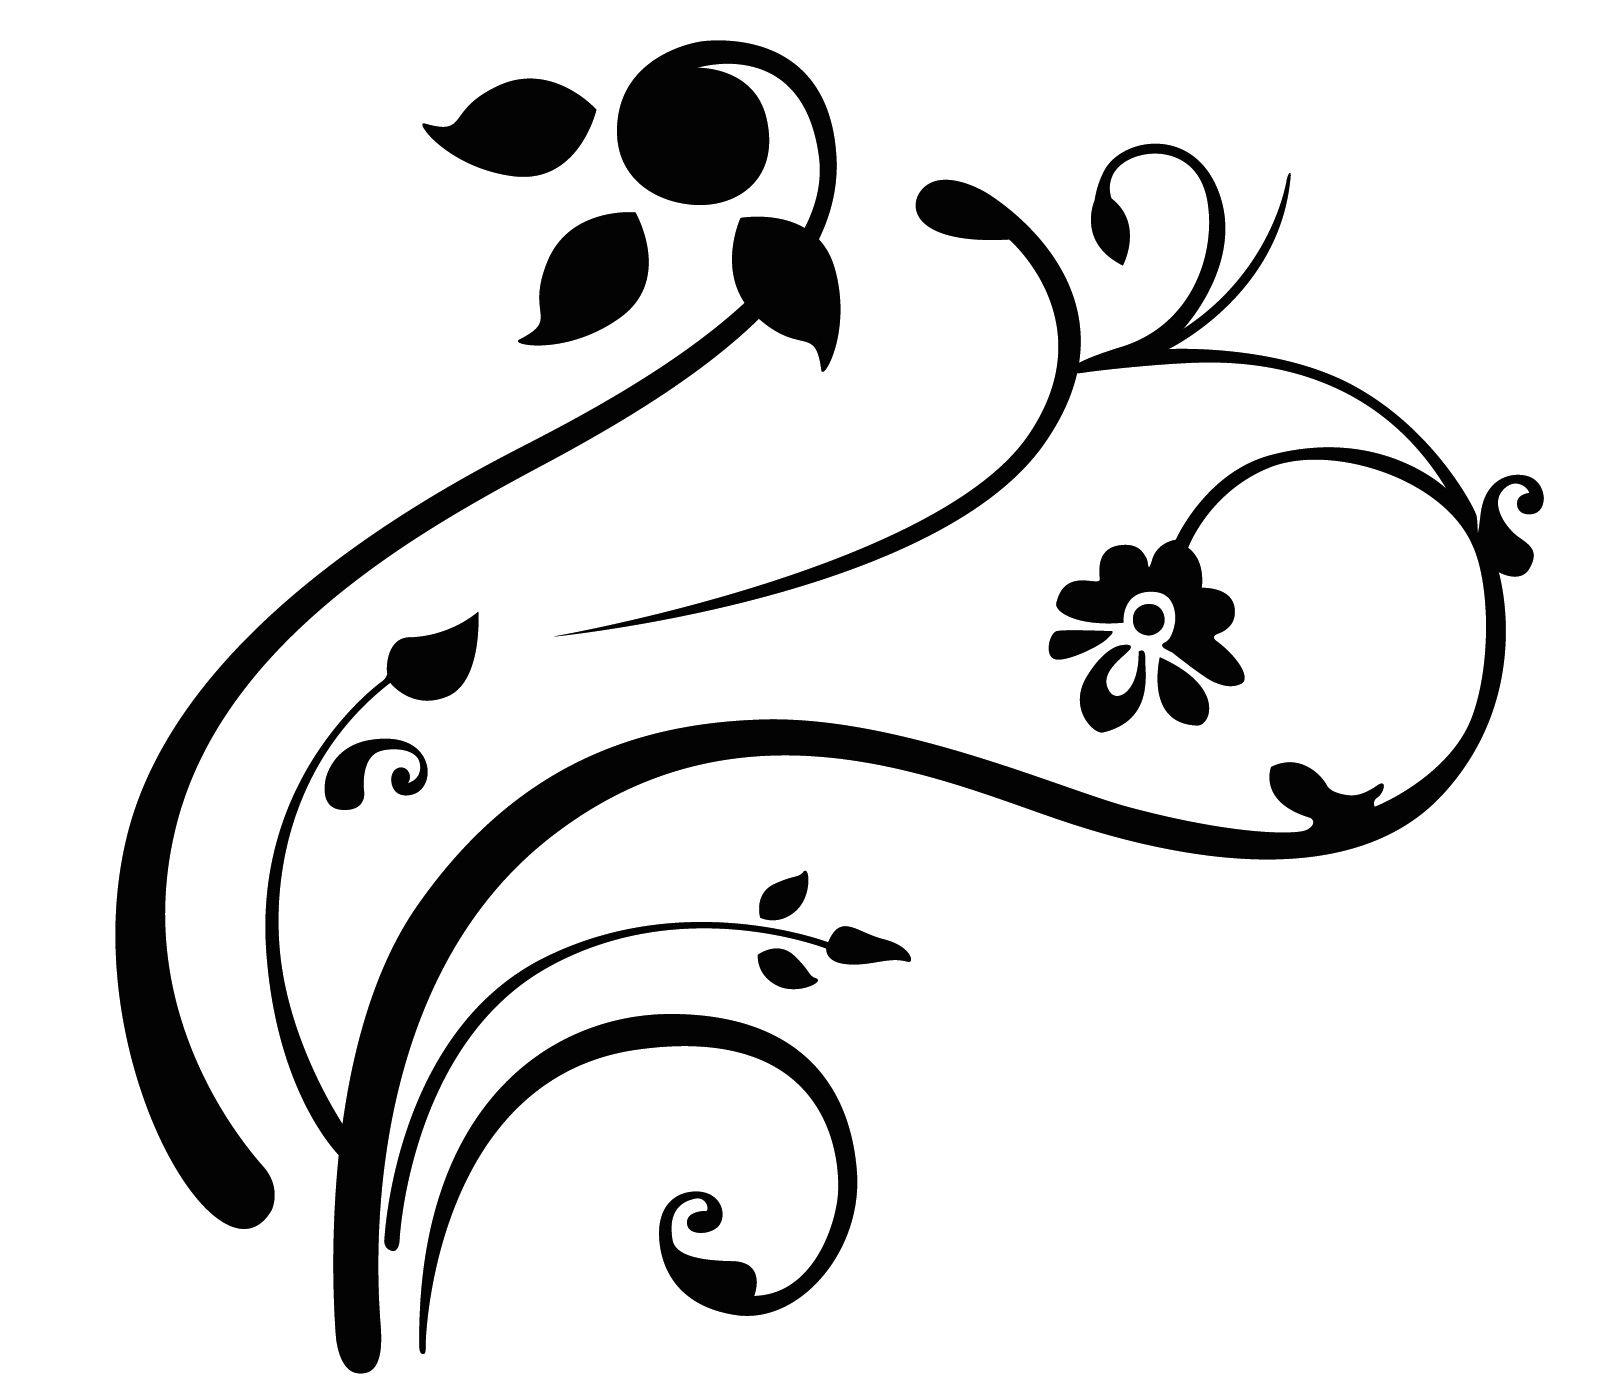 Swirl Designs Clip Art.